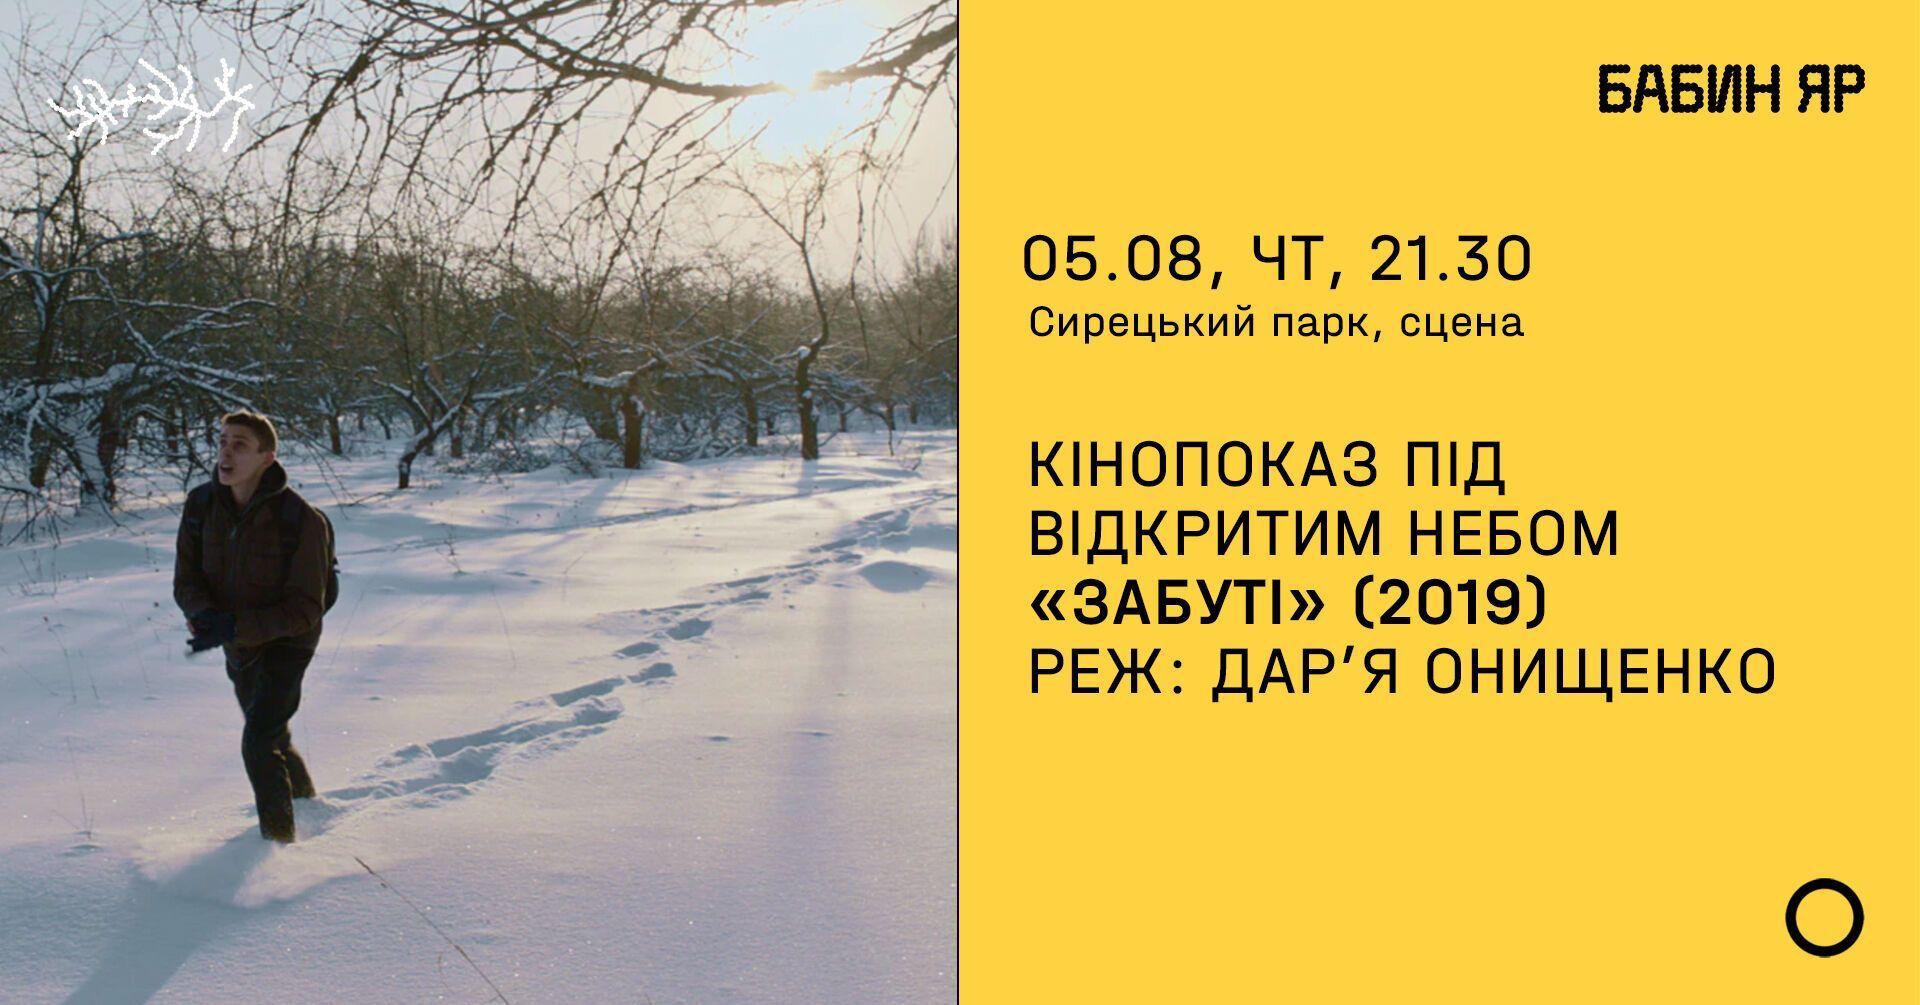 """В Сырецком парке покажут фильм """"Забытые"""""""